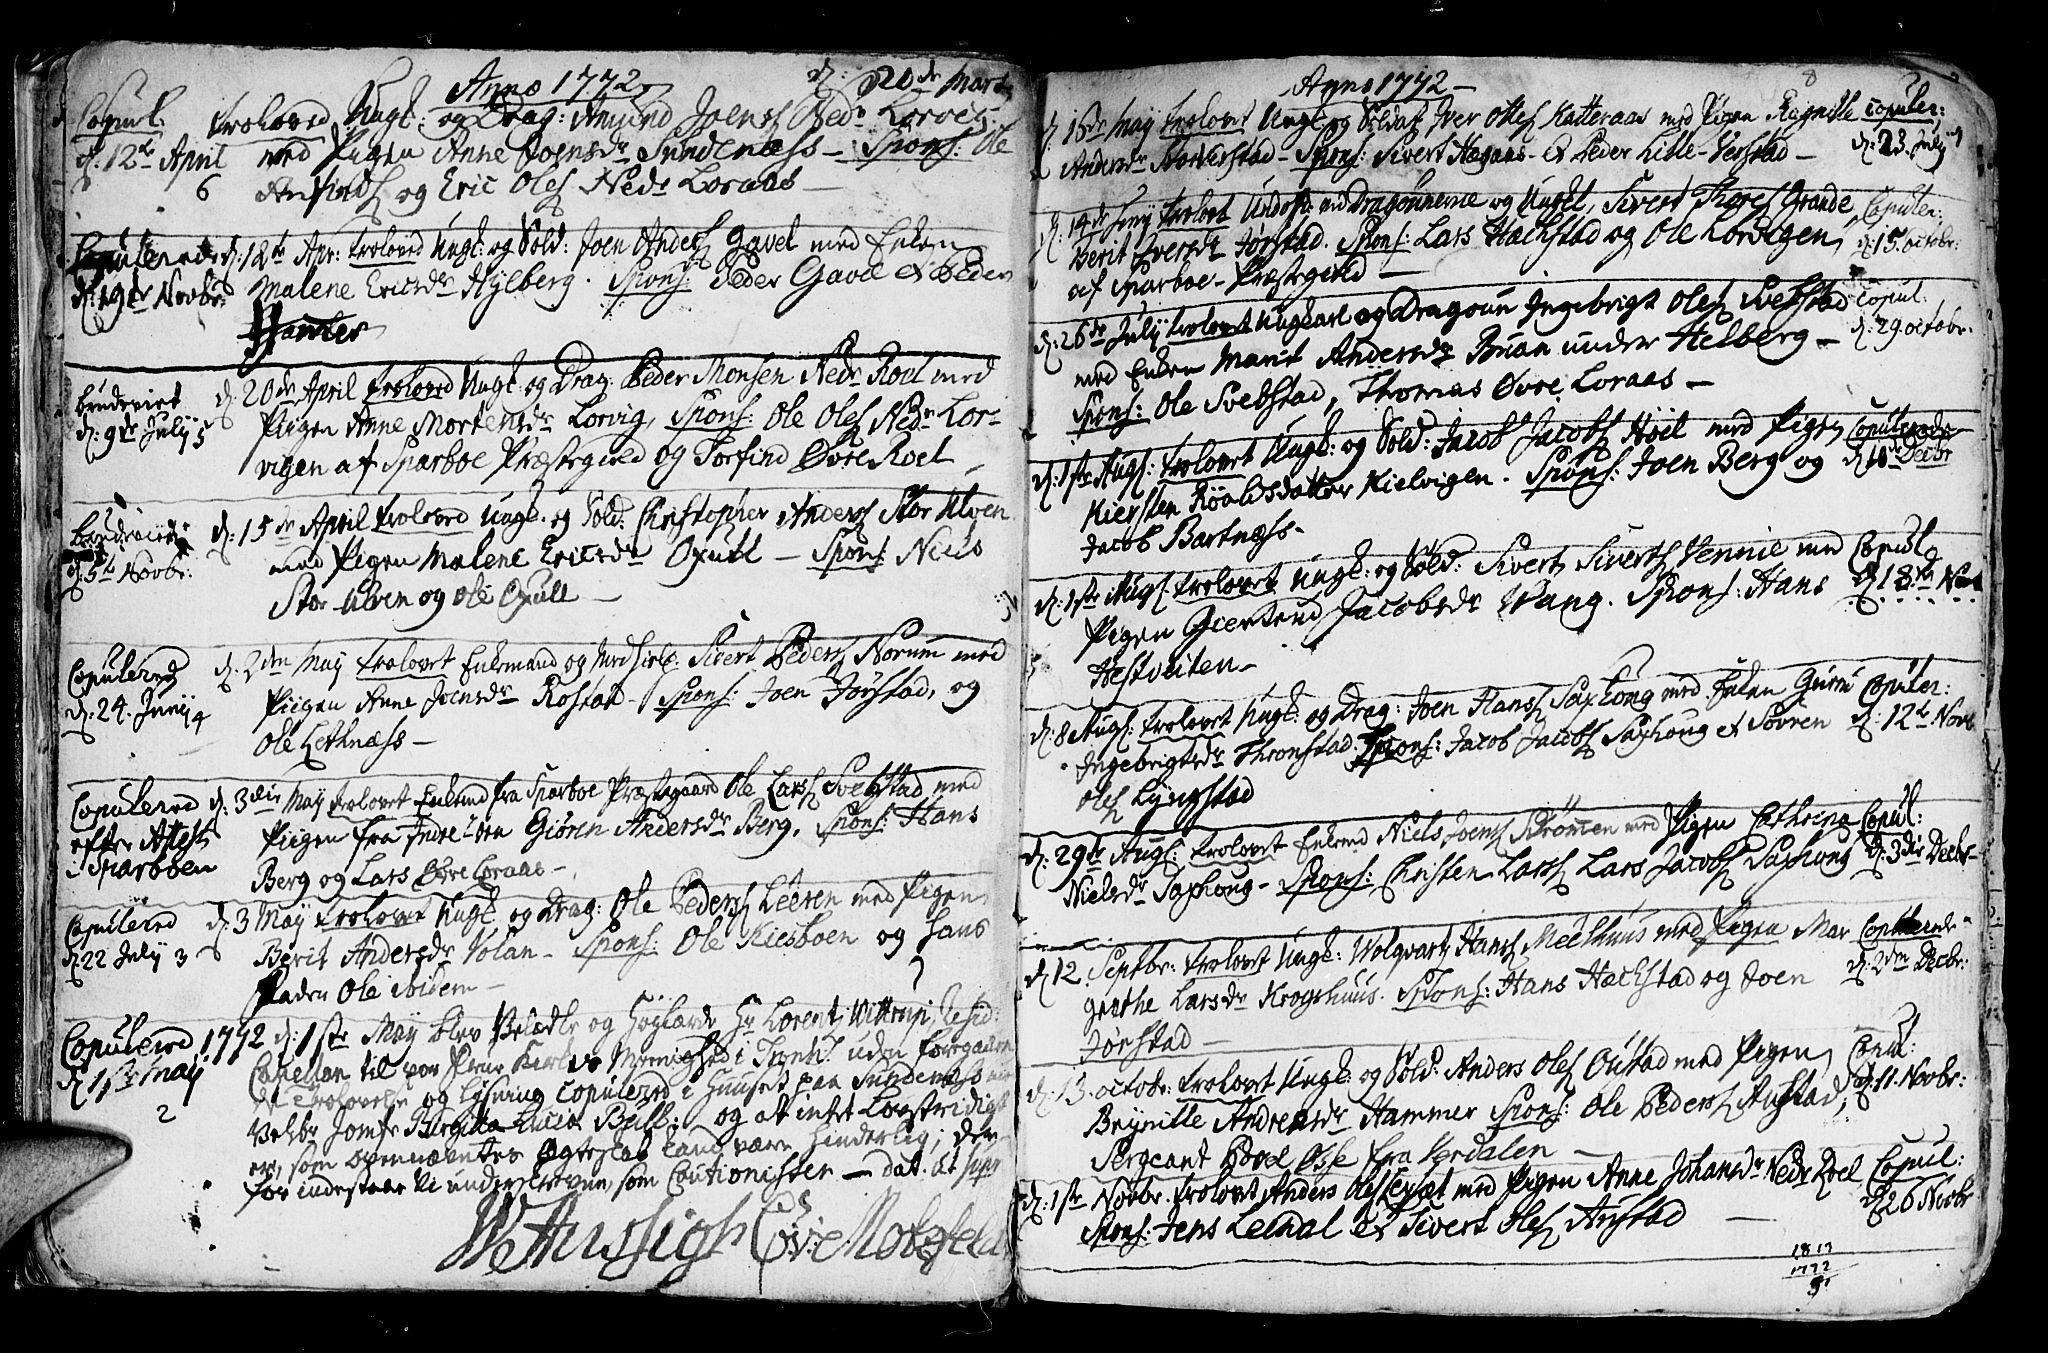 SAT, Ministerialprotokoller, klokkerbøker og fødselsregistre - Nord-Trøndelag, 730/L0273: Ministerialbok nr. 730A02, 1762-1802, s. 8